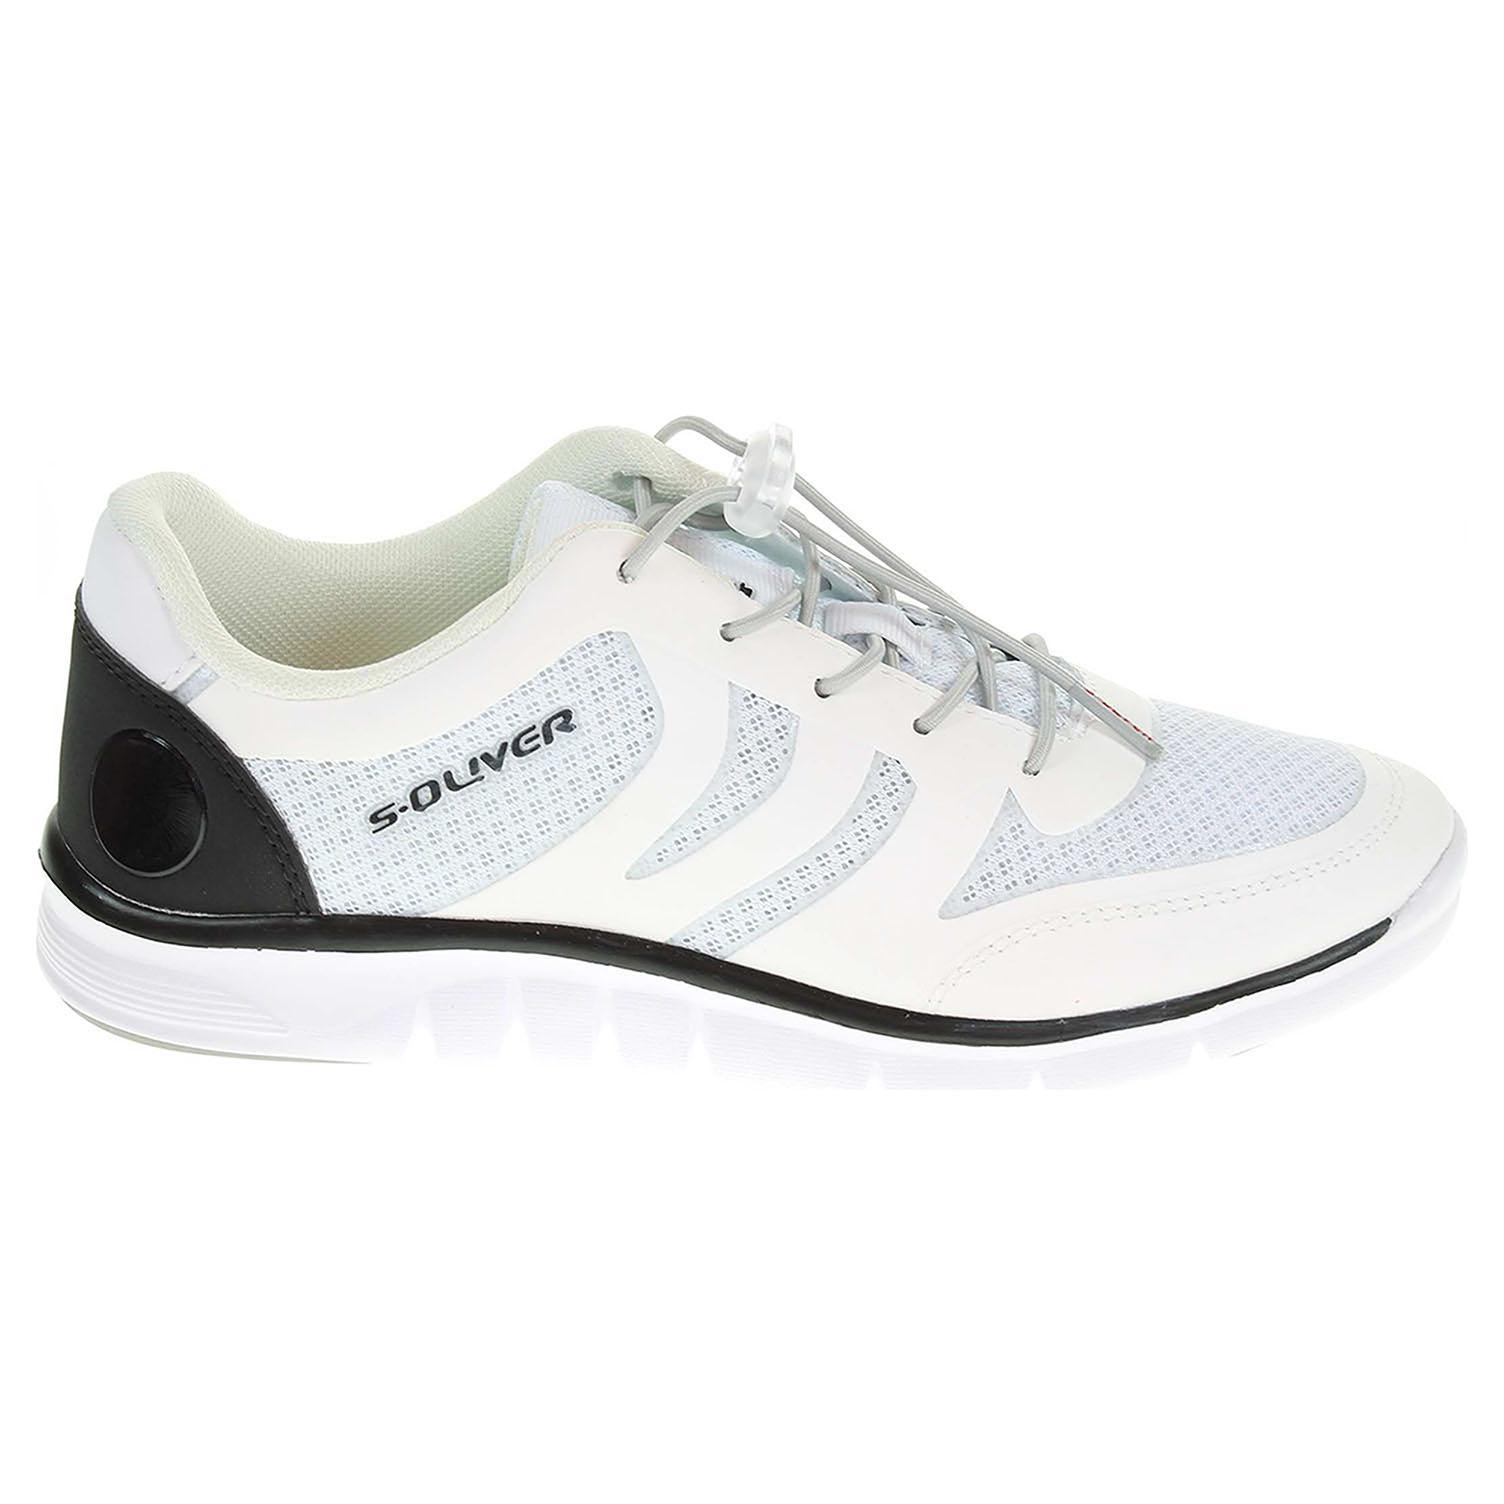 s.Oliver dámská vycházková obuv 5-23606-24 bílá 38